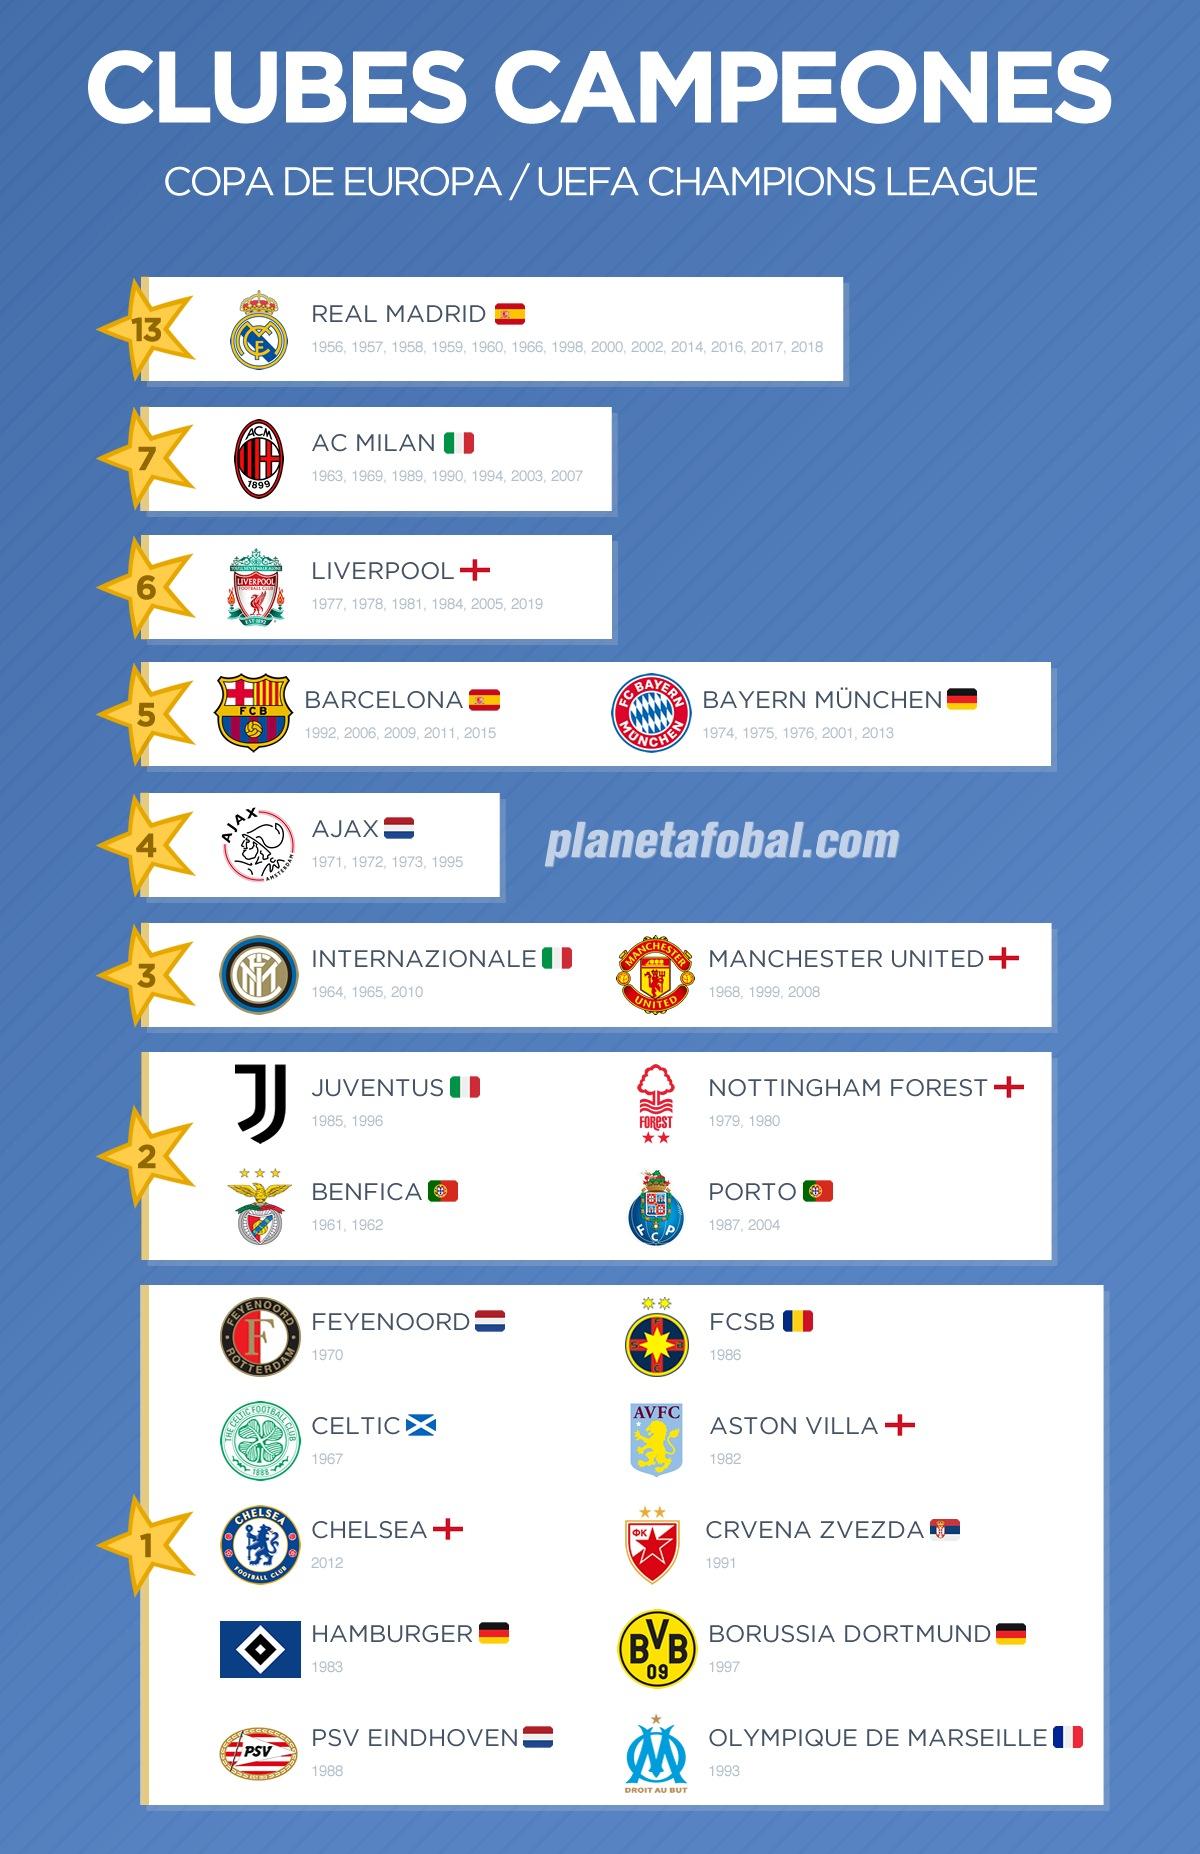 Los 22 clubes campeones